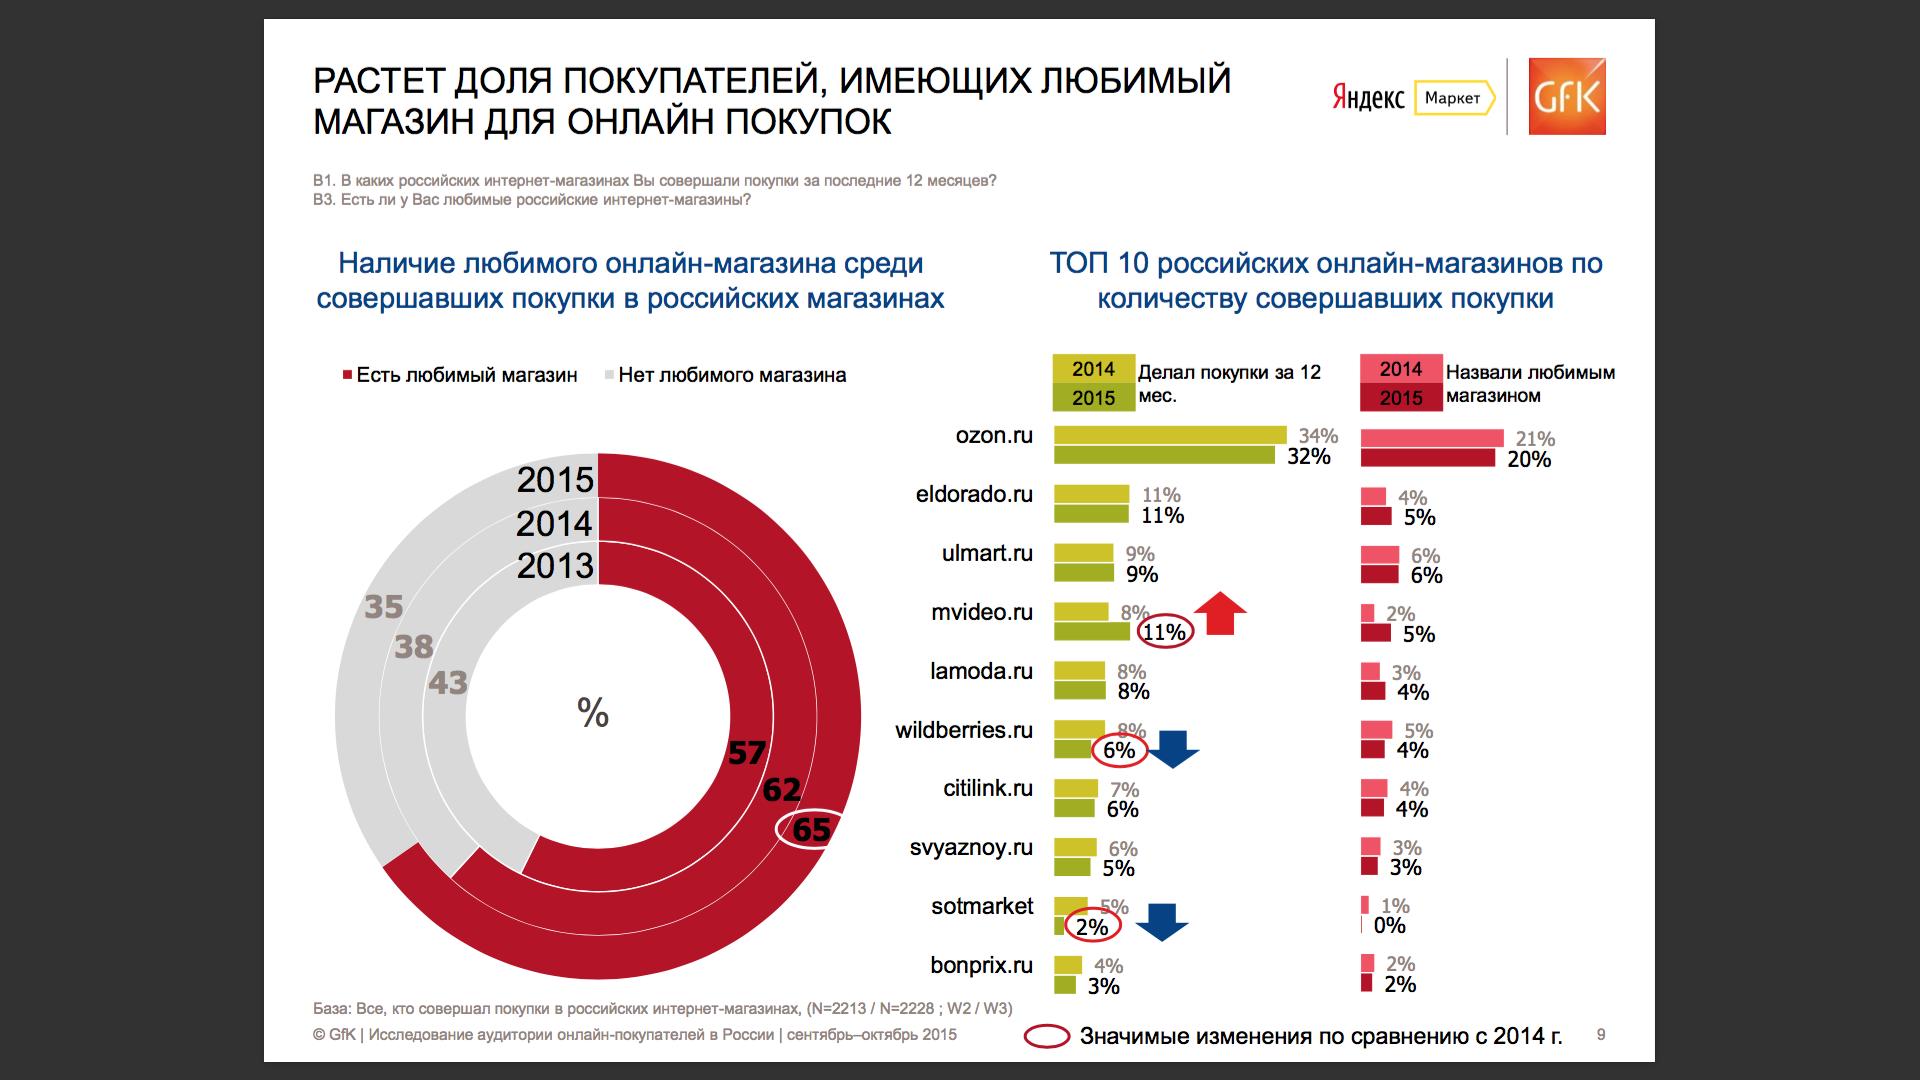 mobile review com Яндекс Маркет Изменения рынка за лет Традиционно рассказали и про пользователей мобильных версий сайтов или специальных приложений от интернет магазинов Лично я пока не совсем понимаю их идею